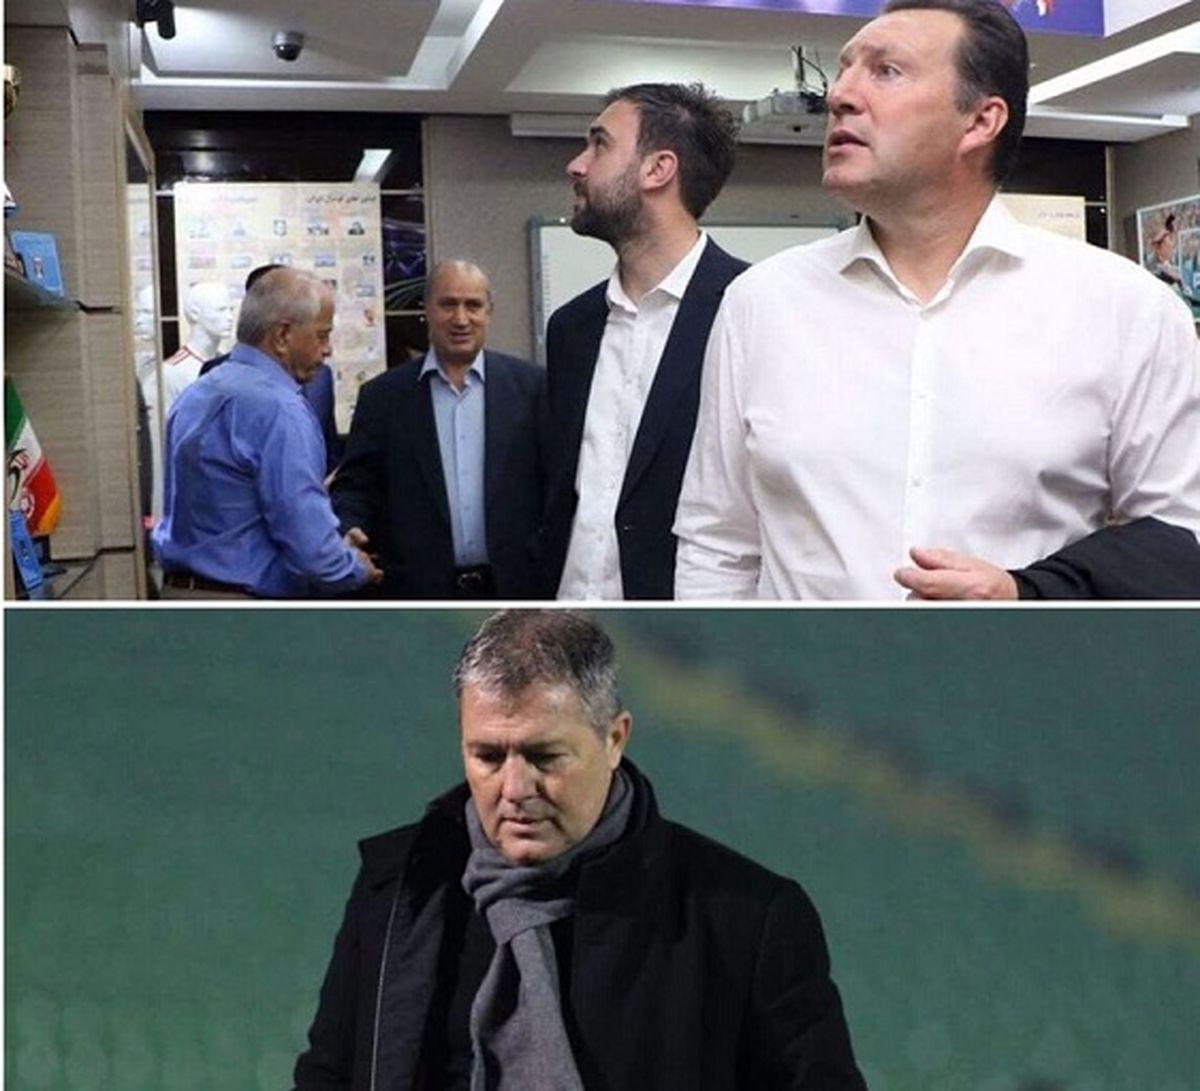 عبور سخت اسکوچیچ از تپههای ویلموتس / مربی تیم ملی ایران؛ یک کاسب طماع!